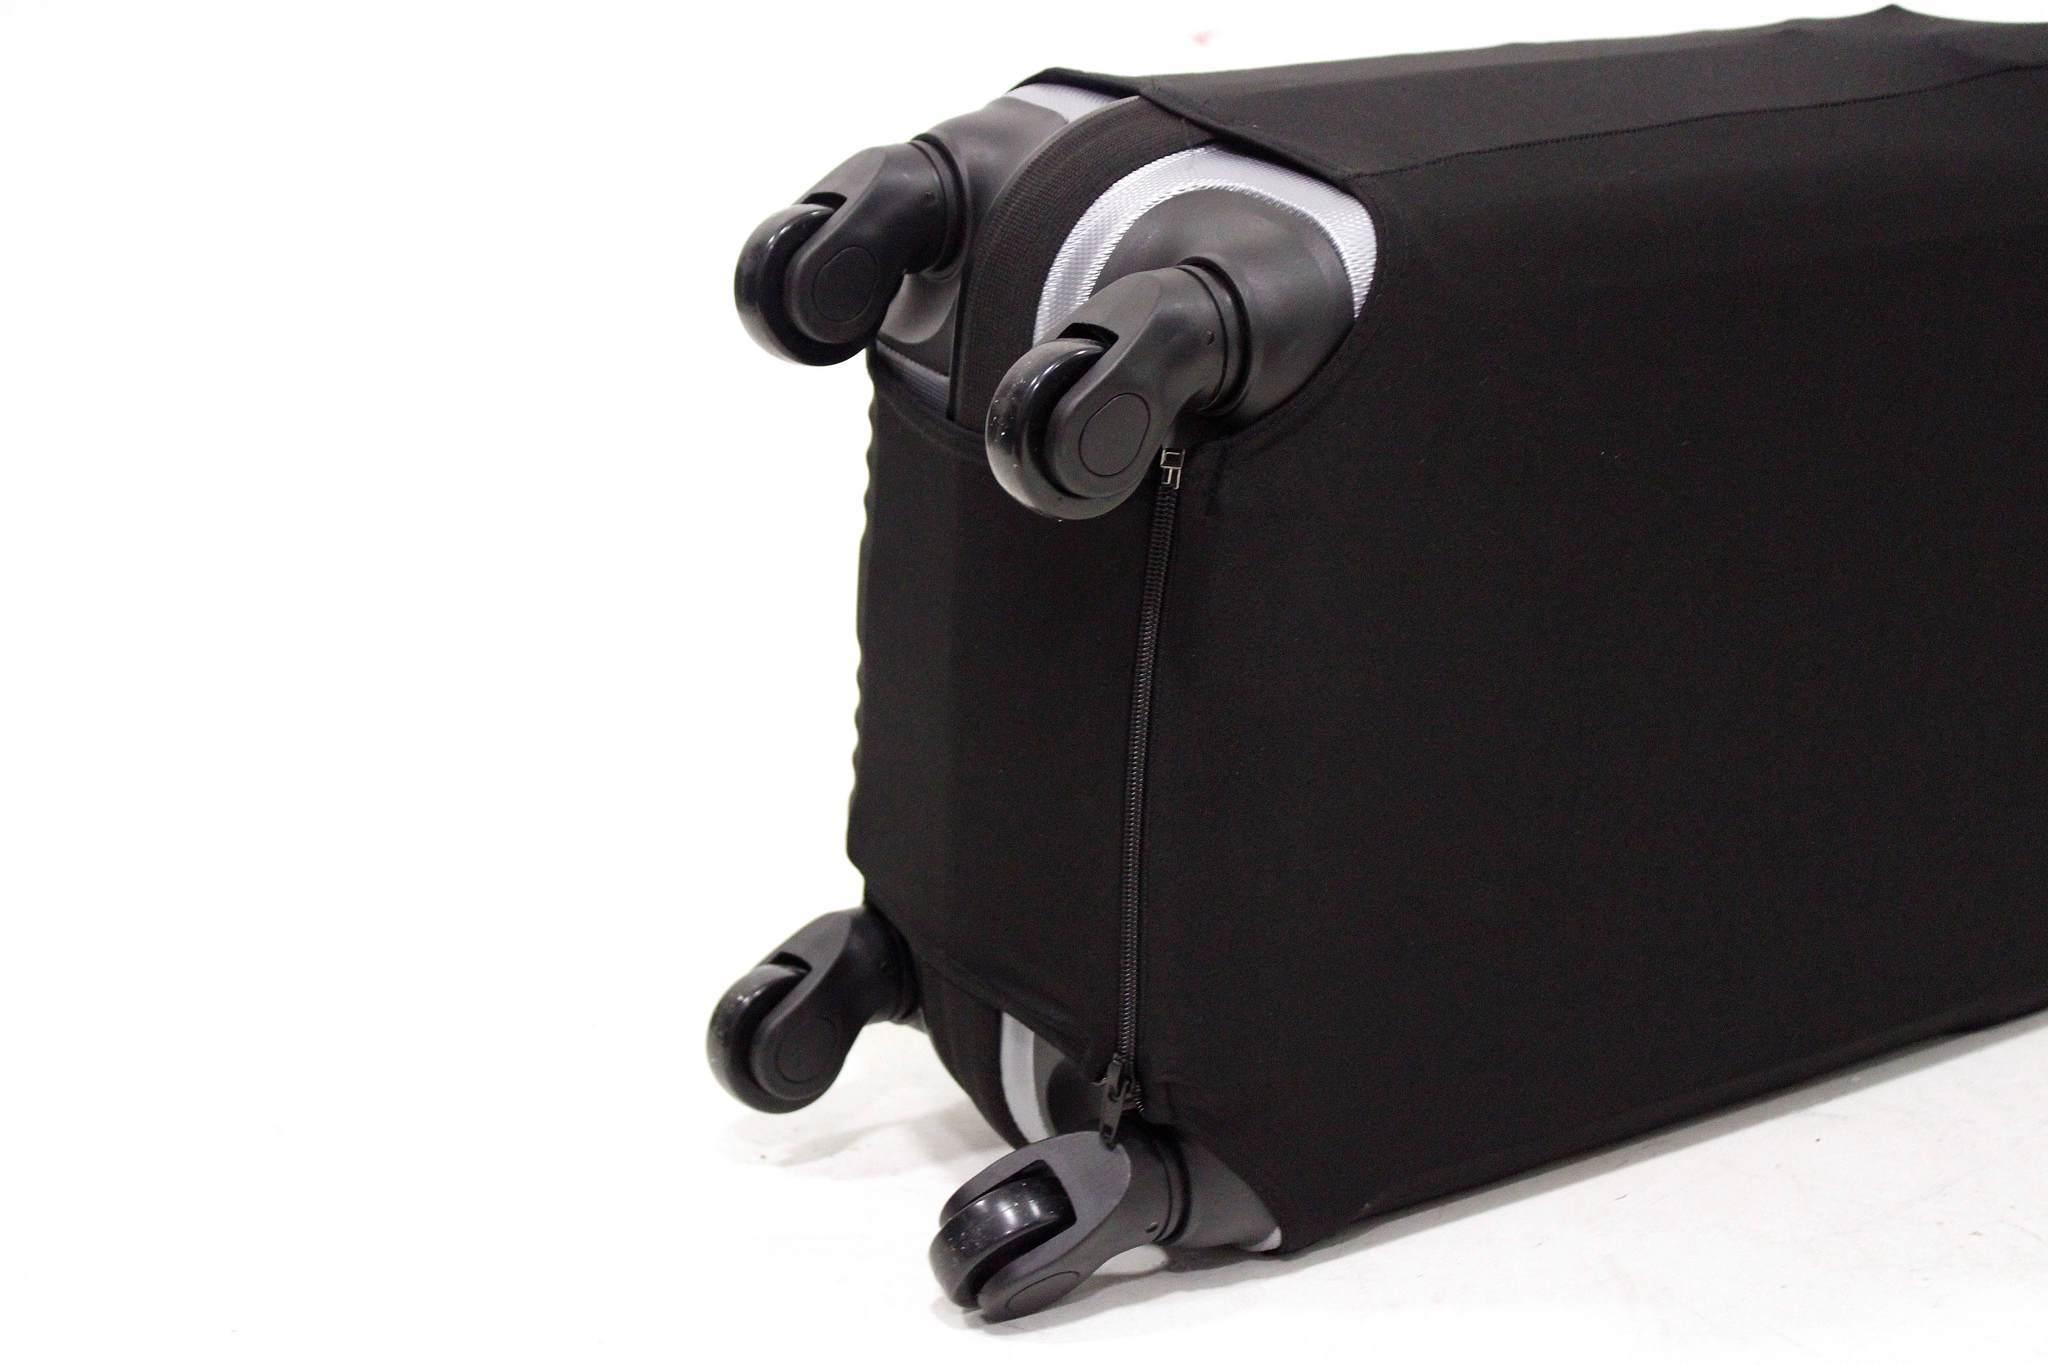 чехлы для чемоданов с колесиками